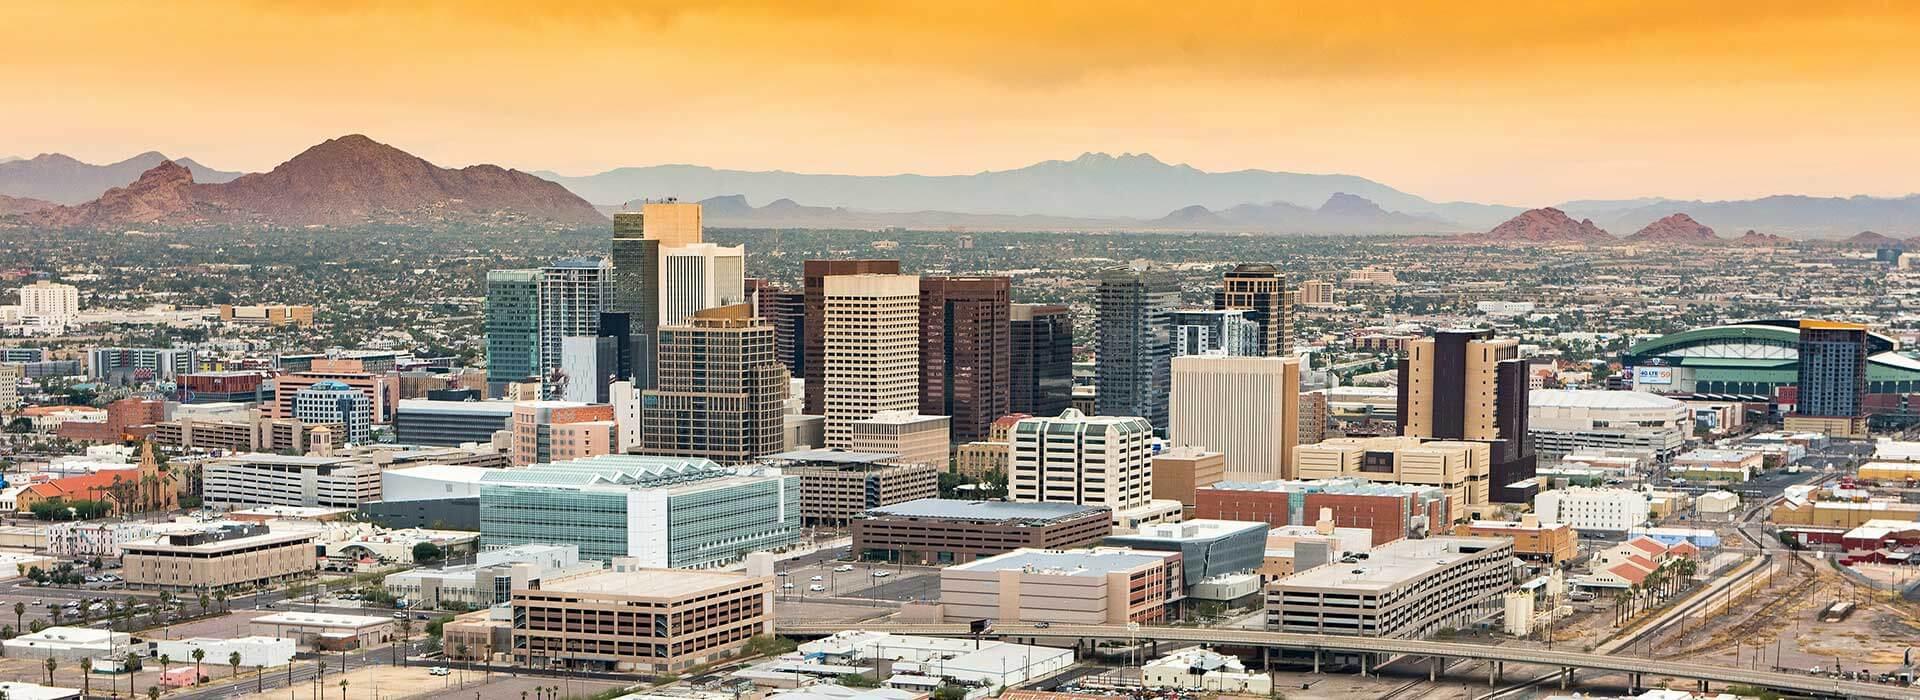 Enterprise Car Rental Phoenix Az Locations